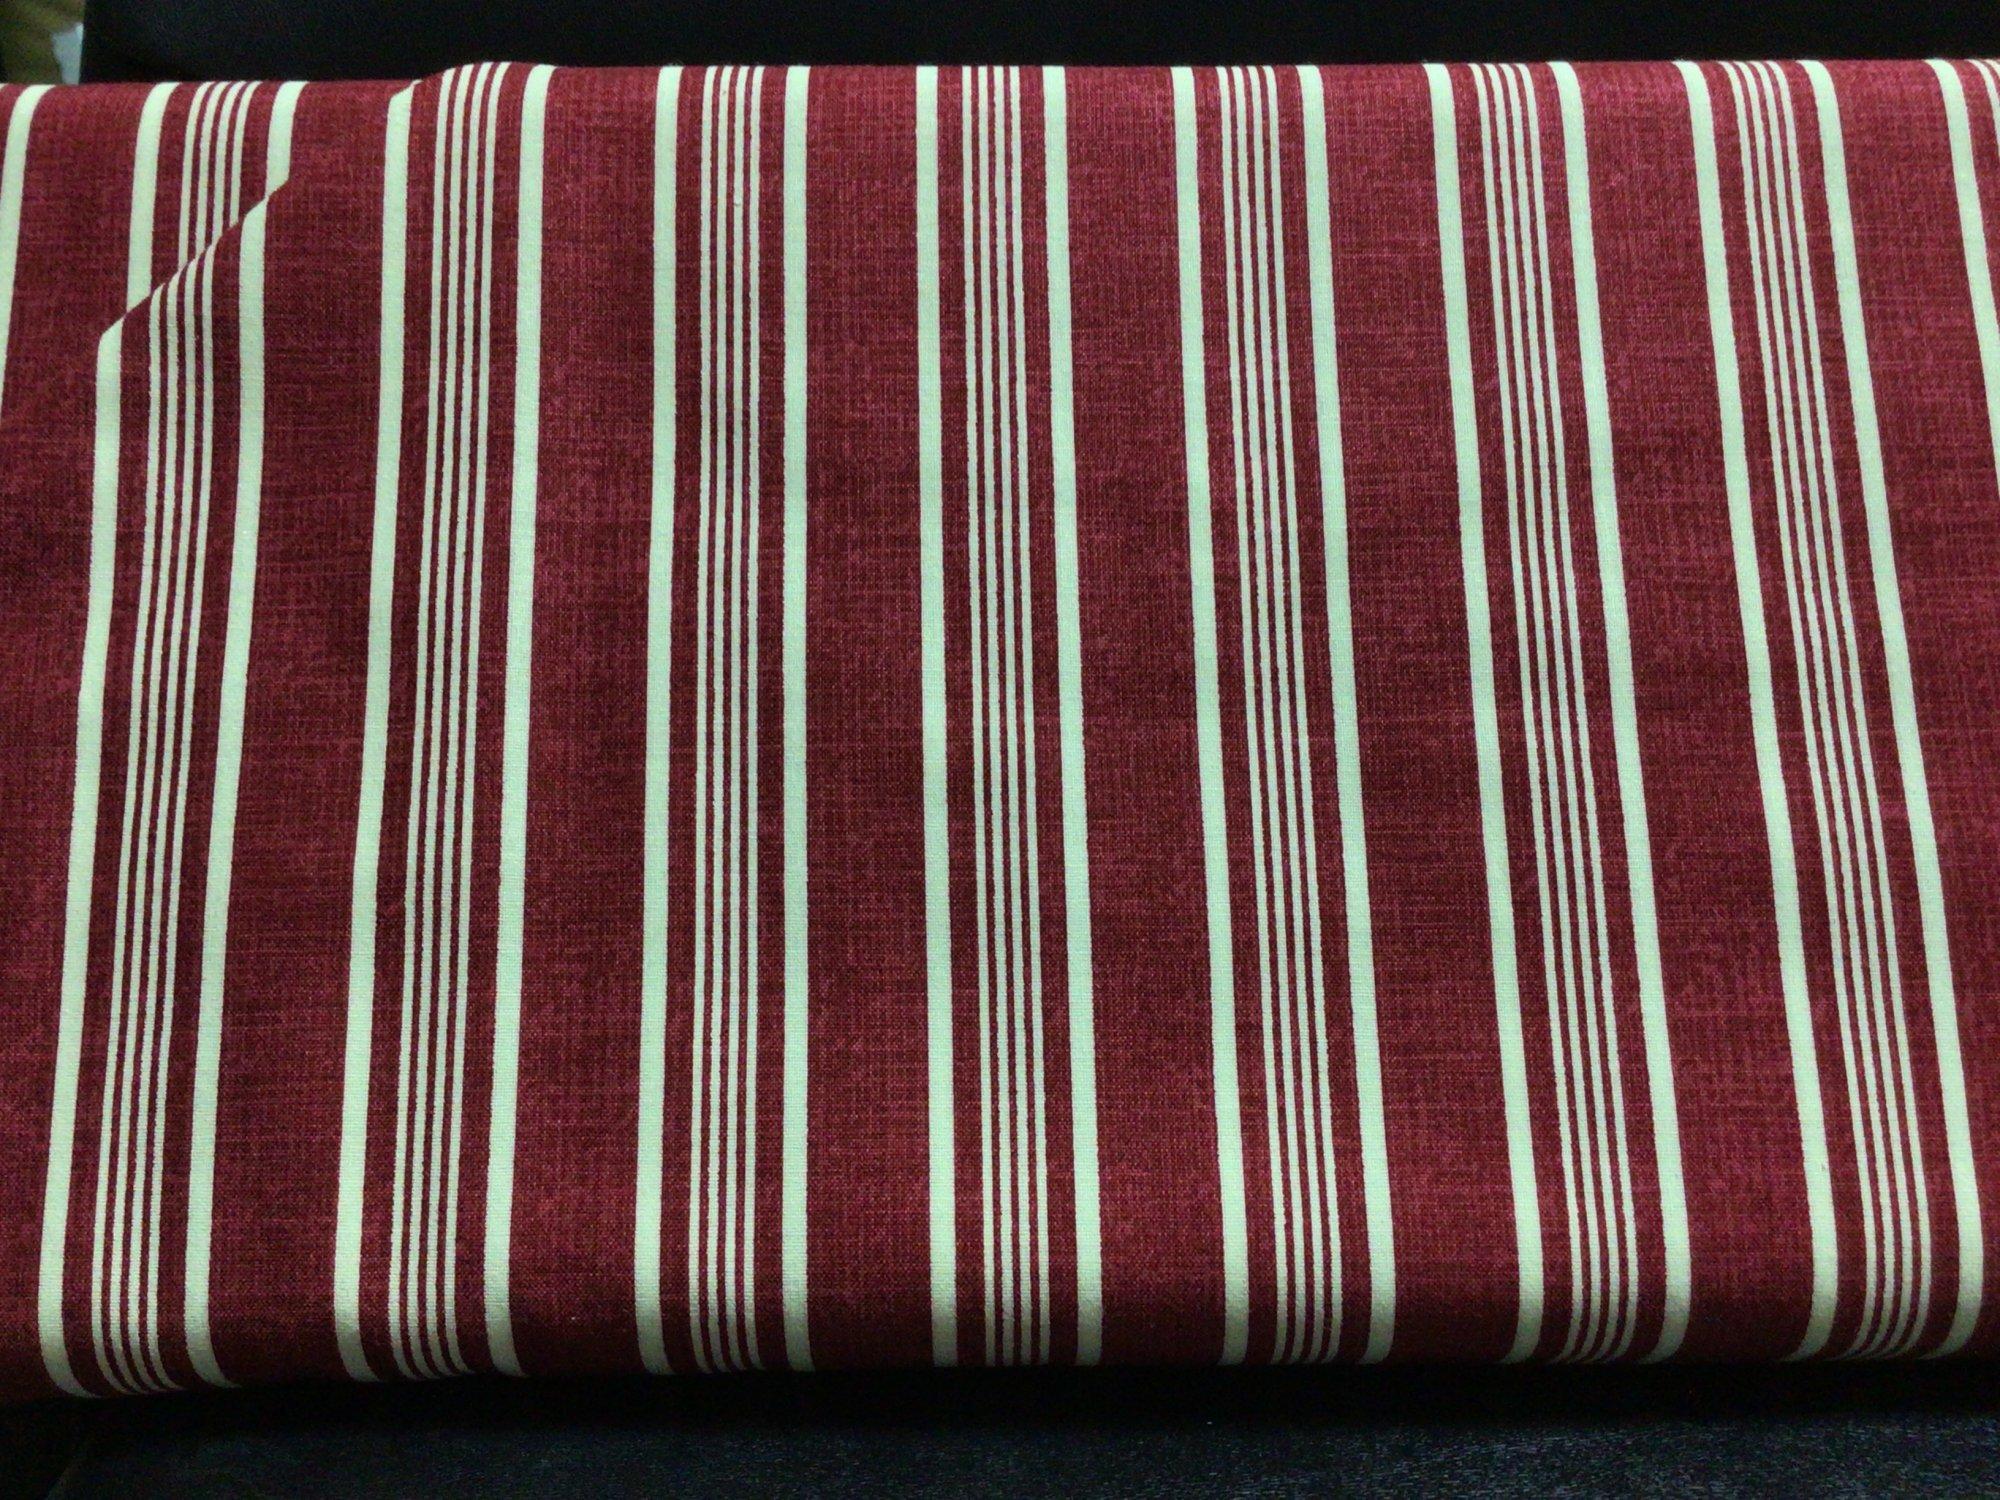 F-CB-Clothworks -Promo-Stripes - Red/Cream